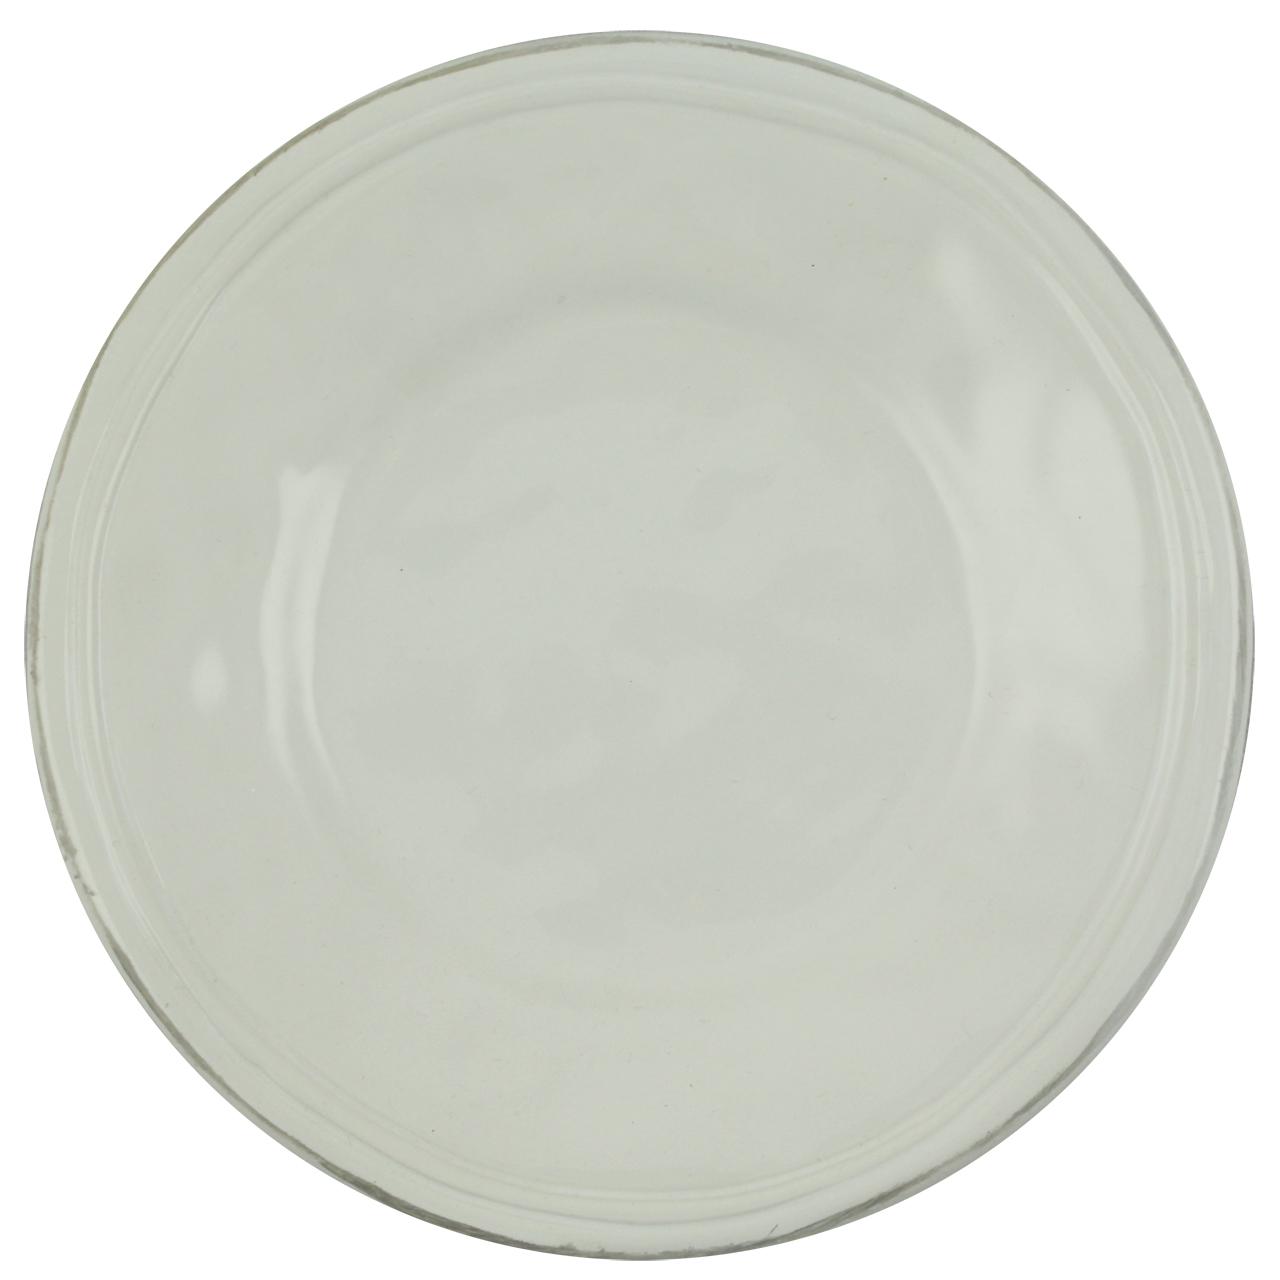 Farfurie Pentru Desert Din Ceramica Alba 20 Cm